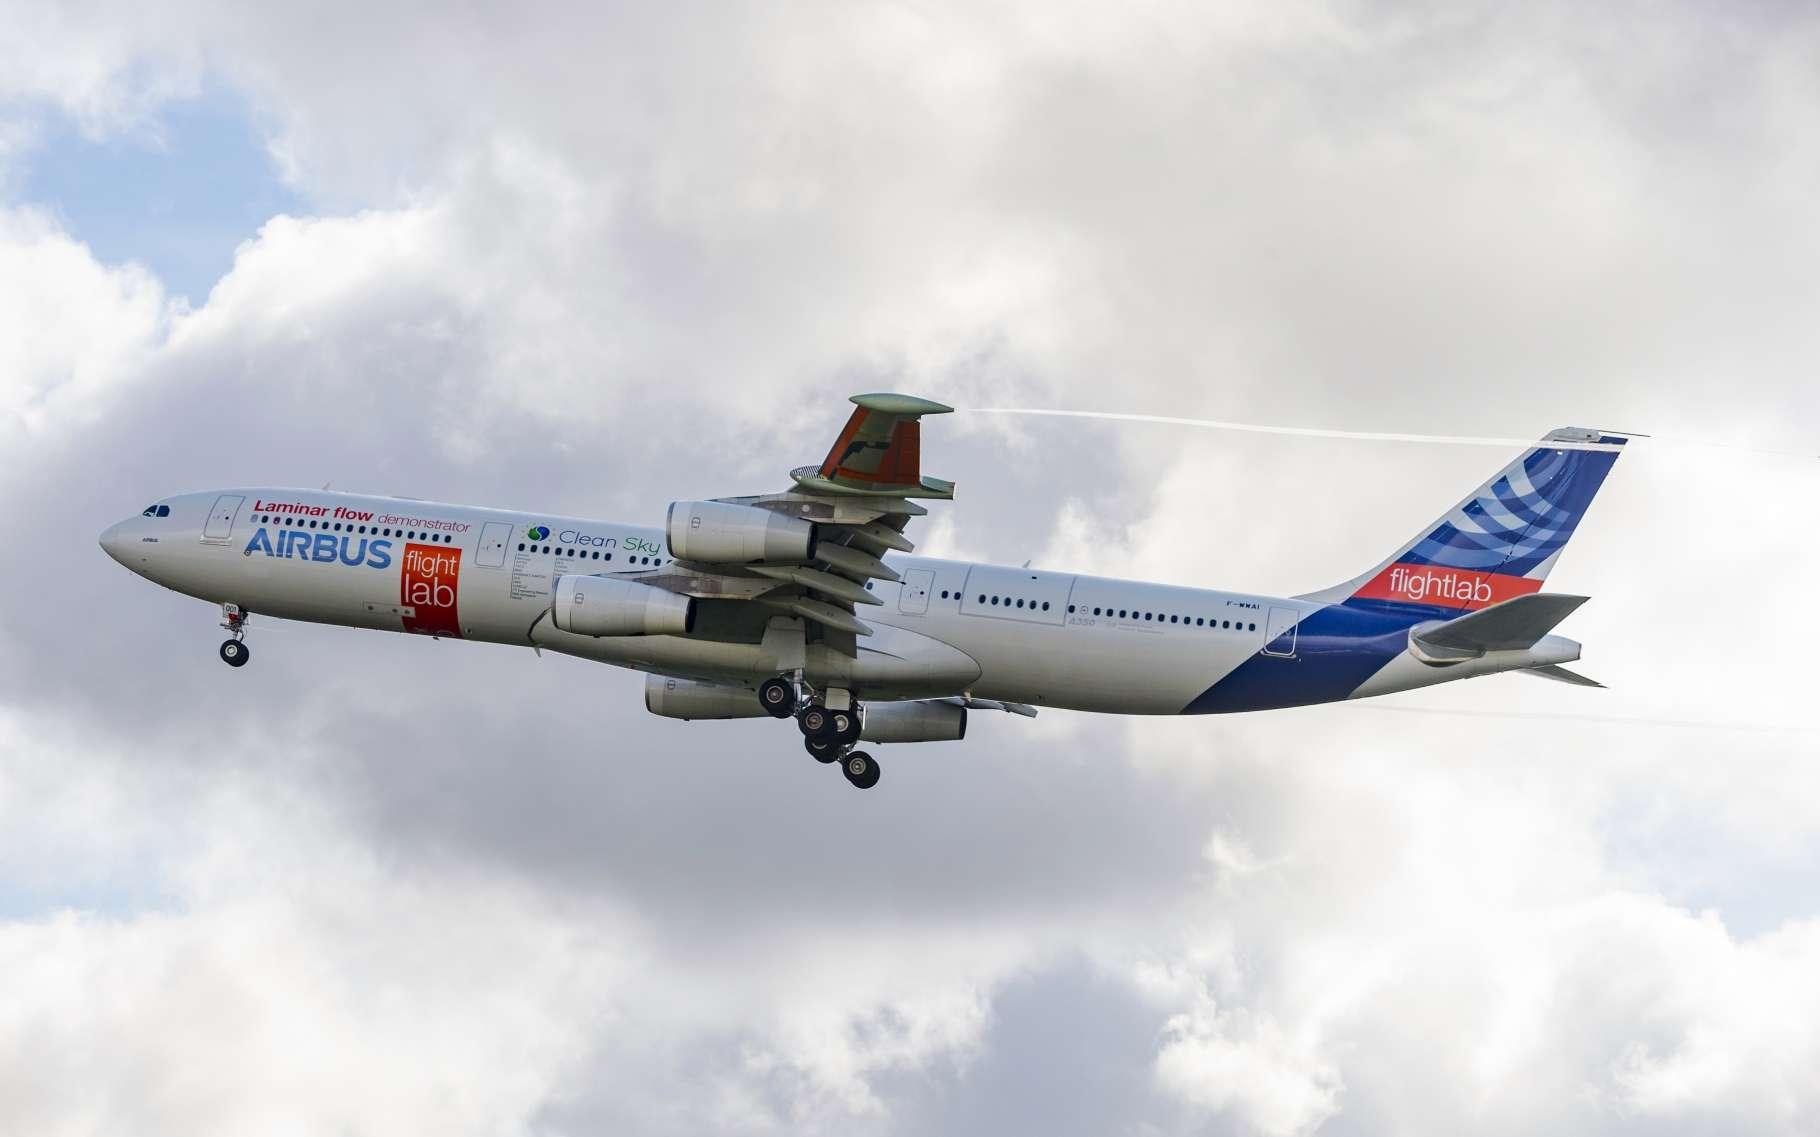 Sur cet Airbus A340 expérimental, les extrémités des ailes ont été remplacées pour tester un profil différent, dit « laminaire », qui permettrait des économies de carburant. © Airbus